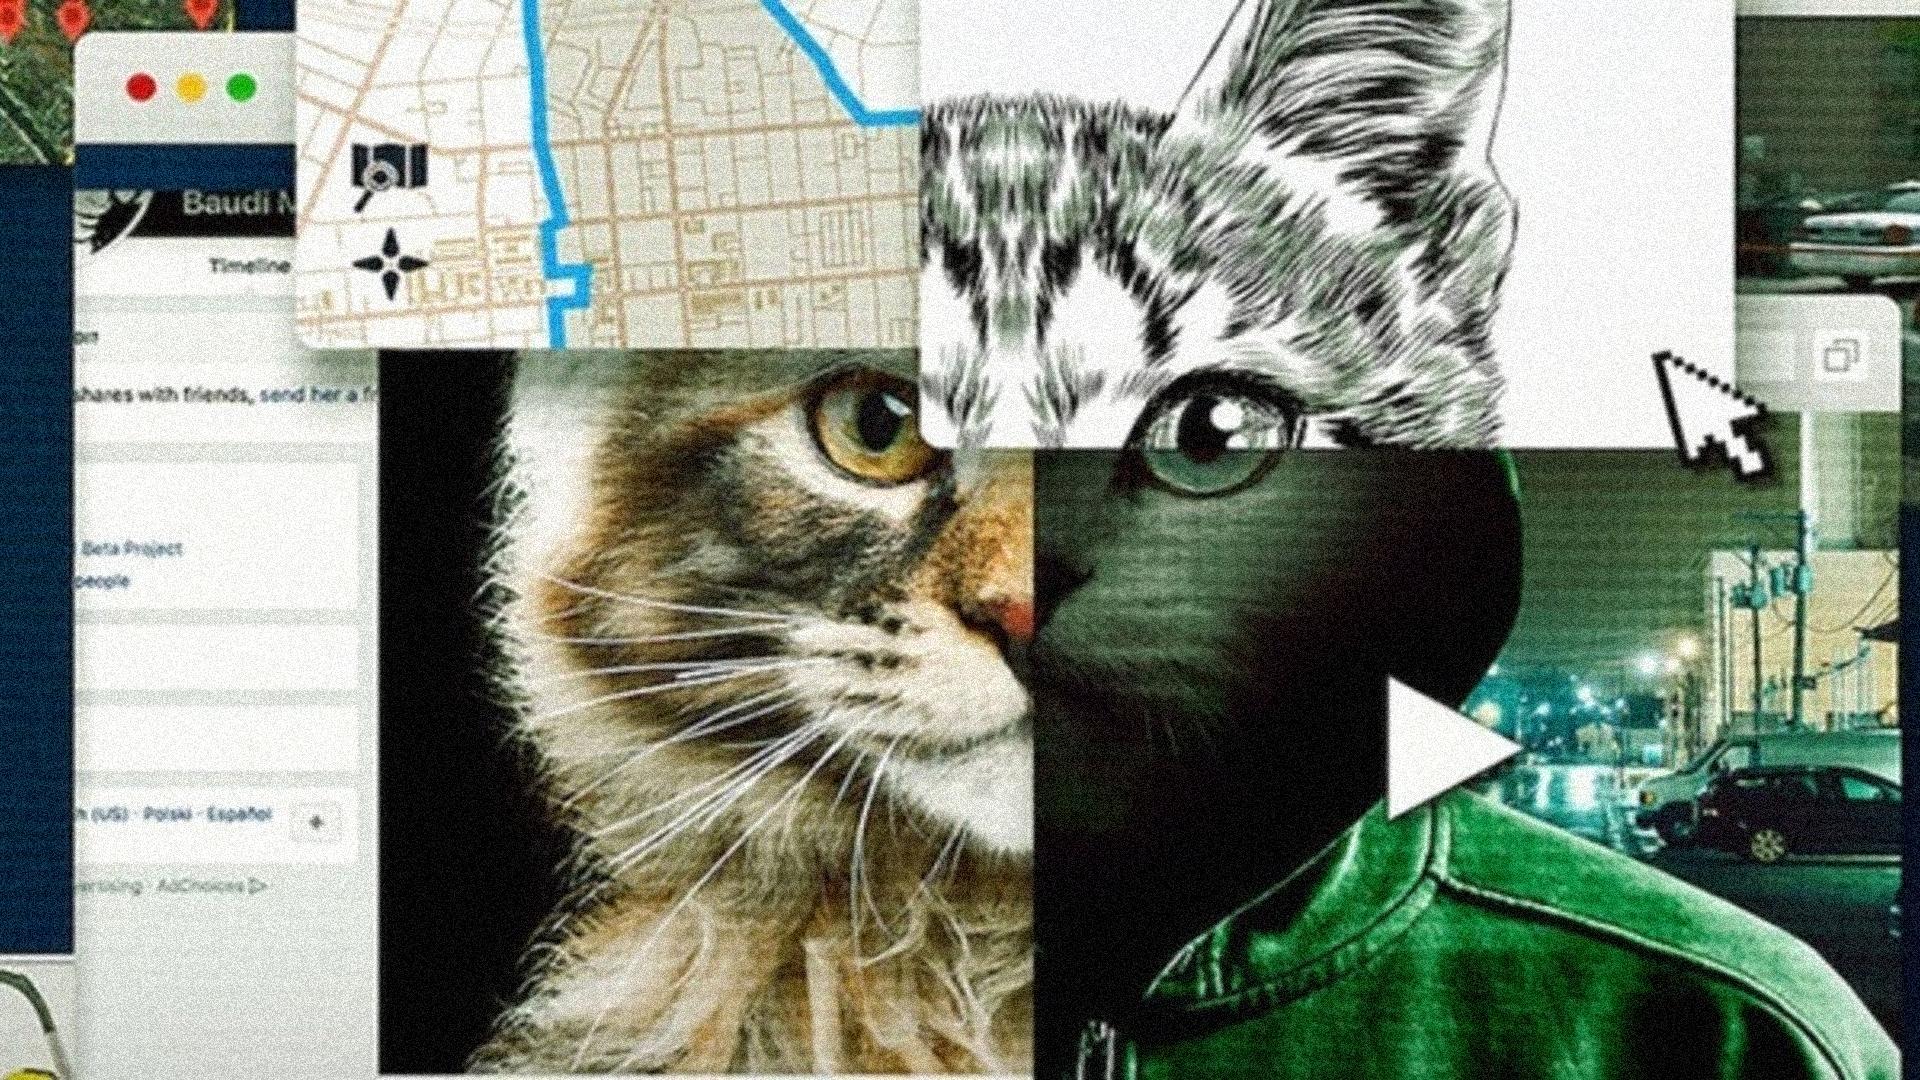 Pantalla de una computadora con imagen de gato, facebook y un mapa